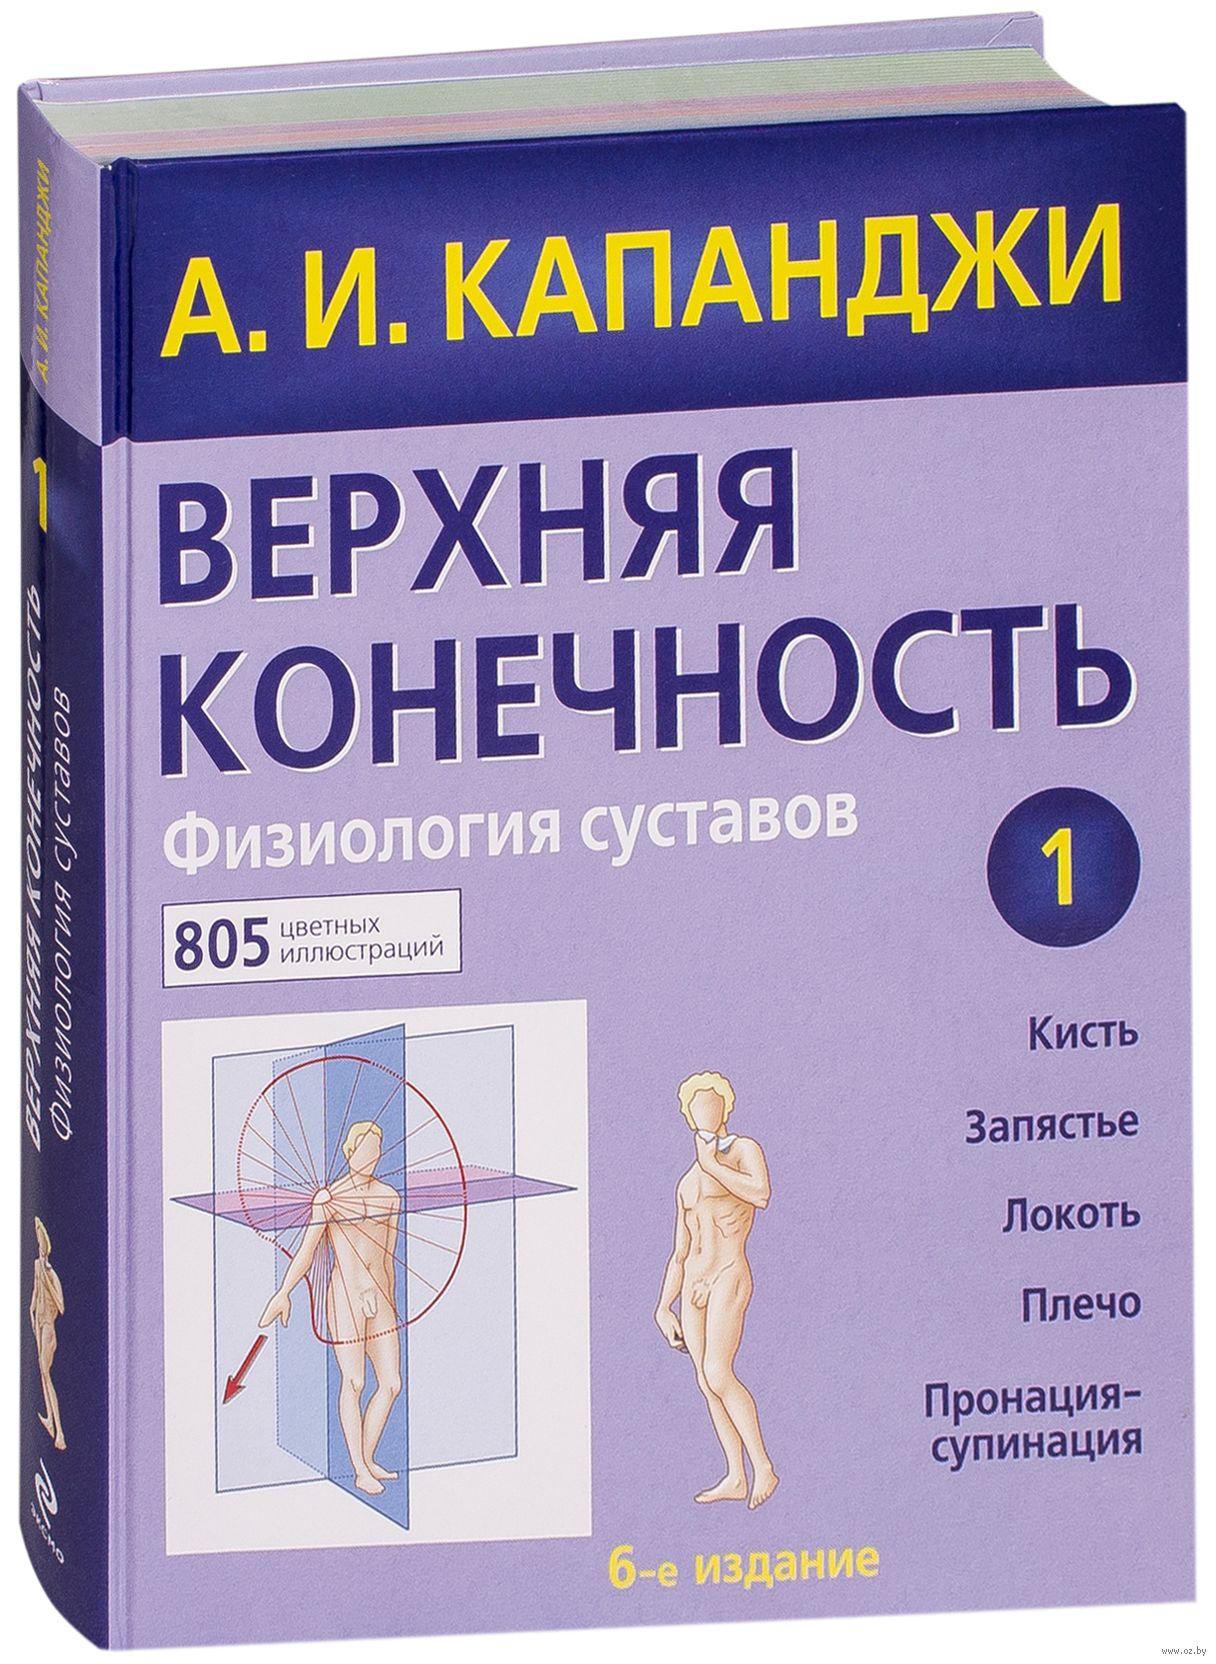 Верхняя конечность физиология суставов эффективная мазь от артроза коленного сустава